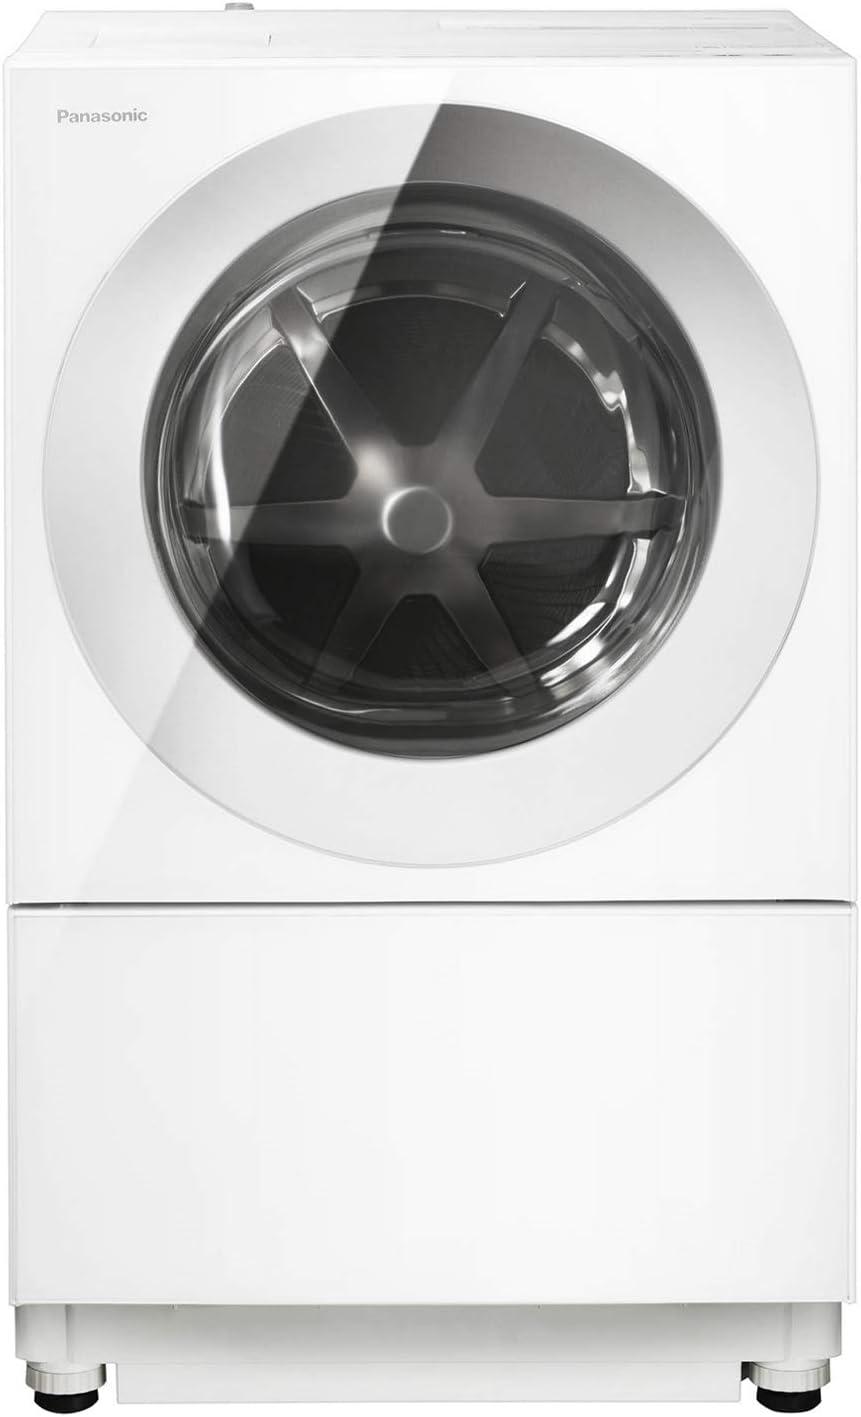 パナソニック ななめドラム洗濯乾燥機 Cuble NA-VG730L-S